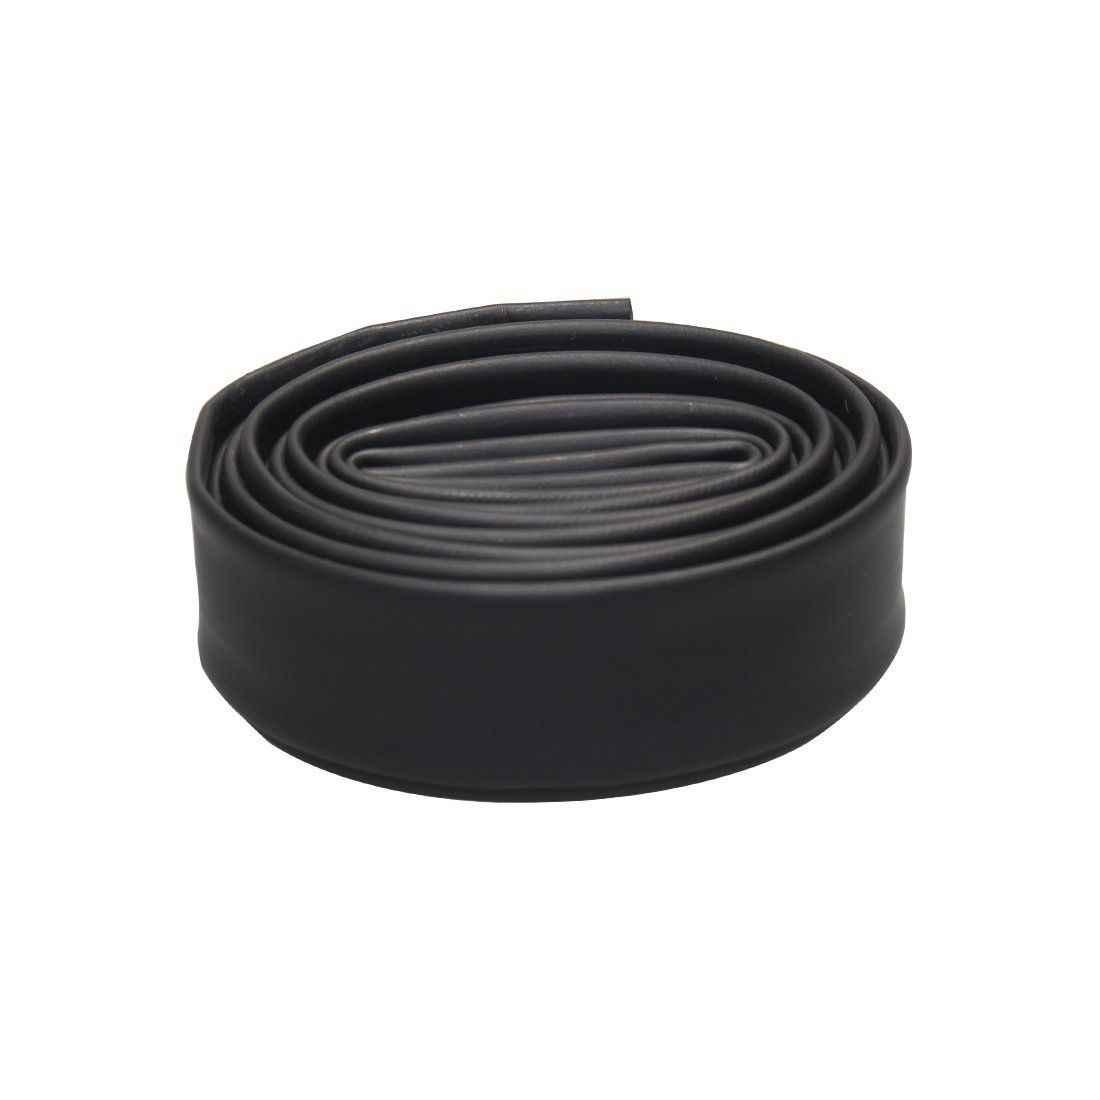 Sıcak satış 2 adet siyah ısı Shrink boru elektrik kılıfı araba kablo/tel isı Shrink boru Wrap-10 MM, 2M ve 6 MM, 2M